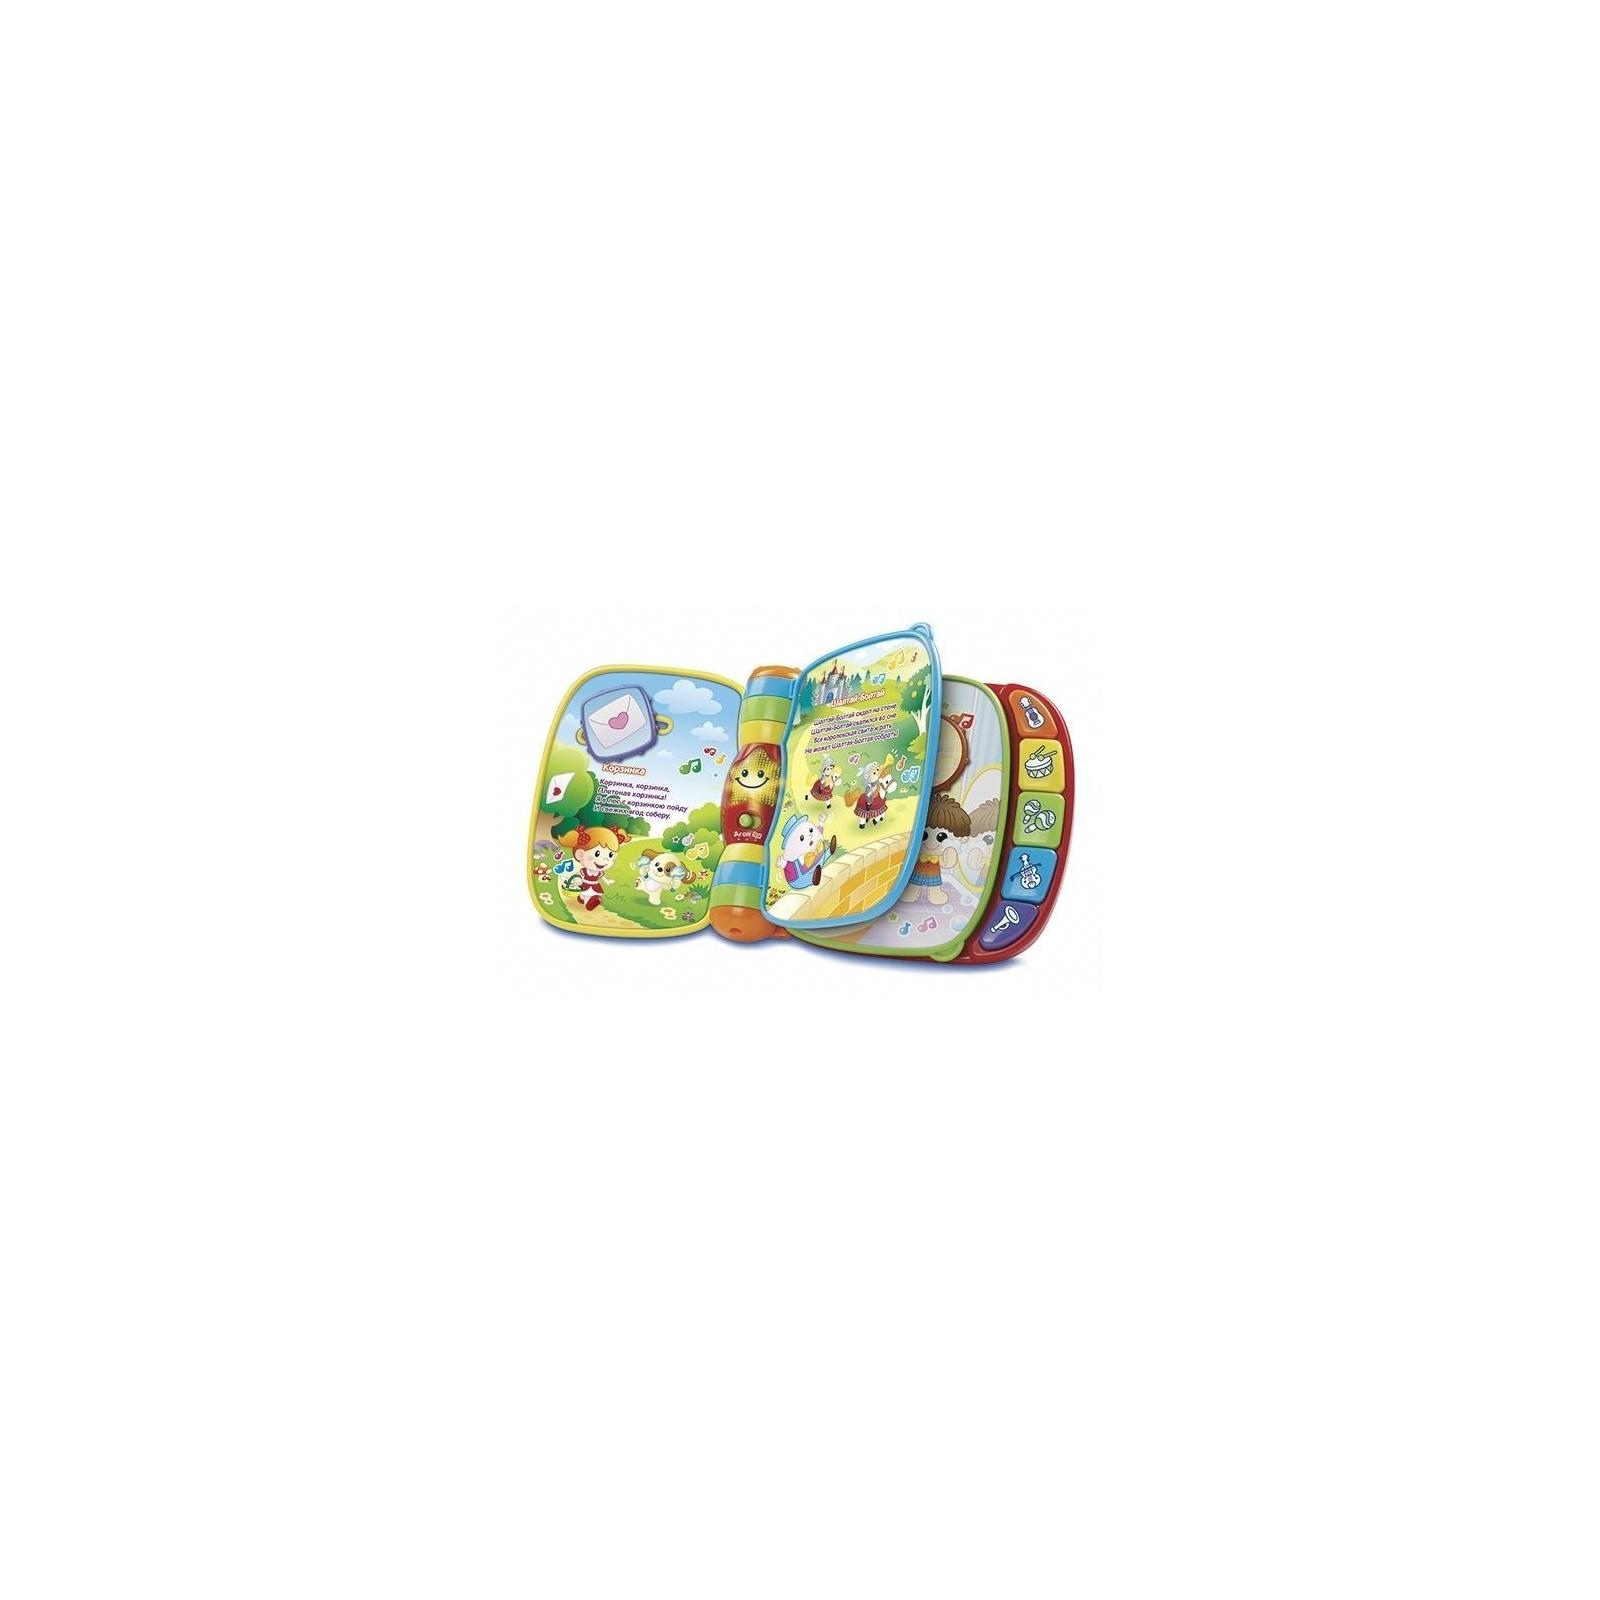 Развивающая игрушка VTech Музыкальная книга со звуковыми эффектами (80-166726) изображение 2